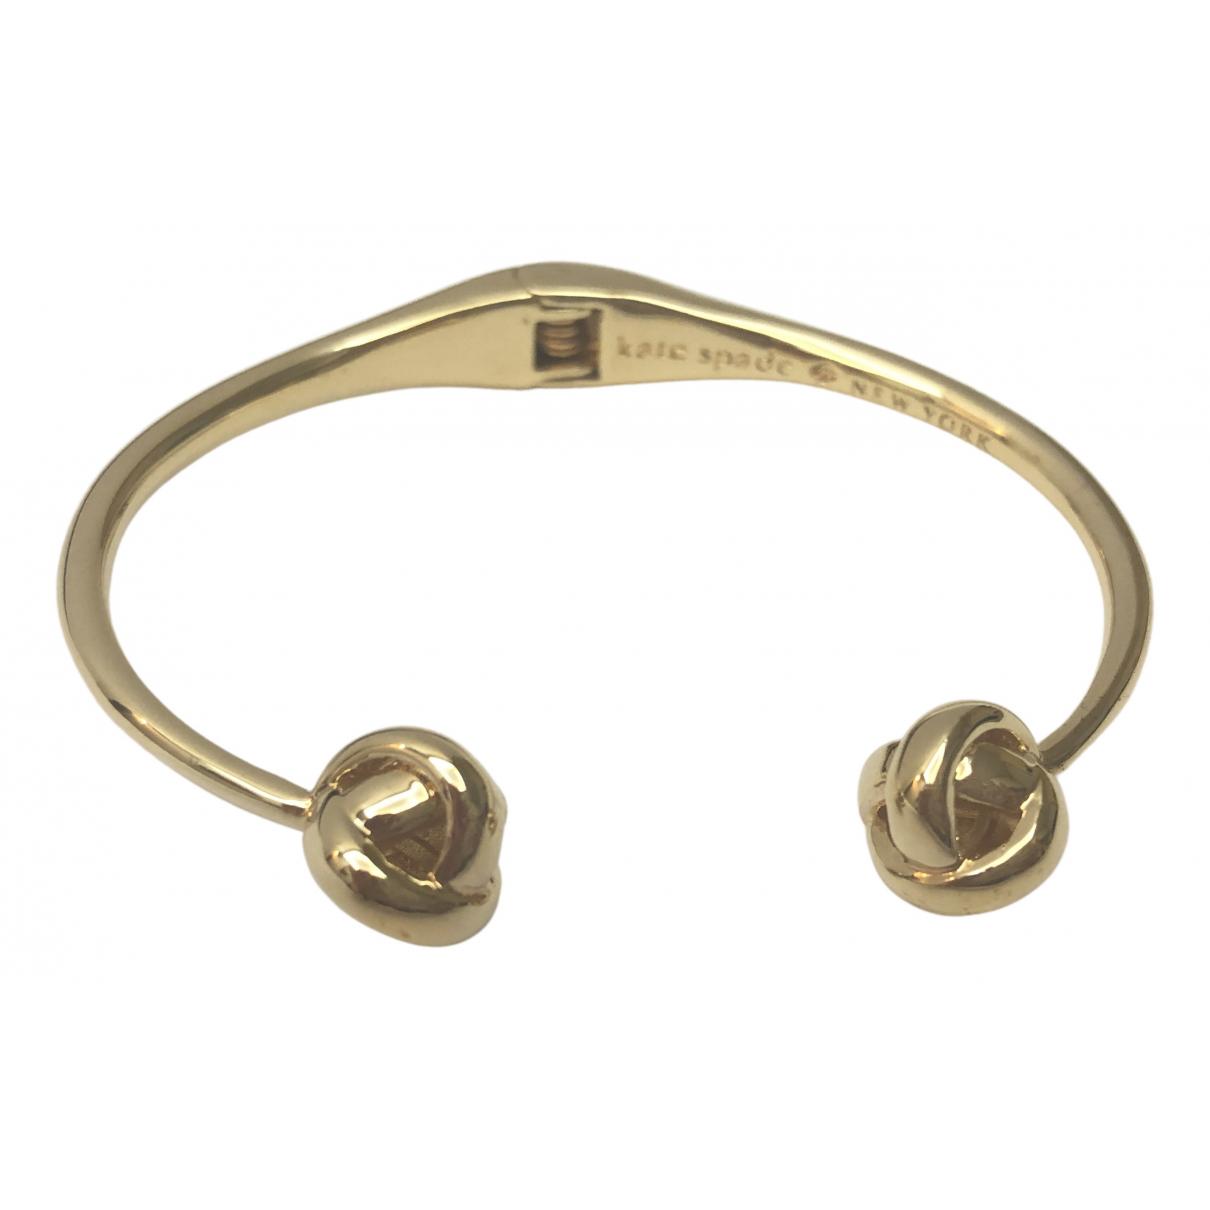 Kate Spade - Bracelet   pour femme en metal - dore